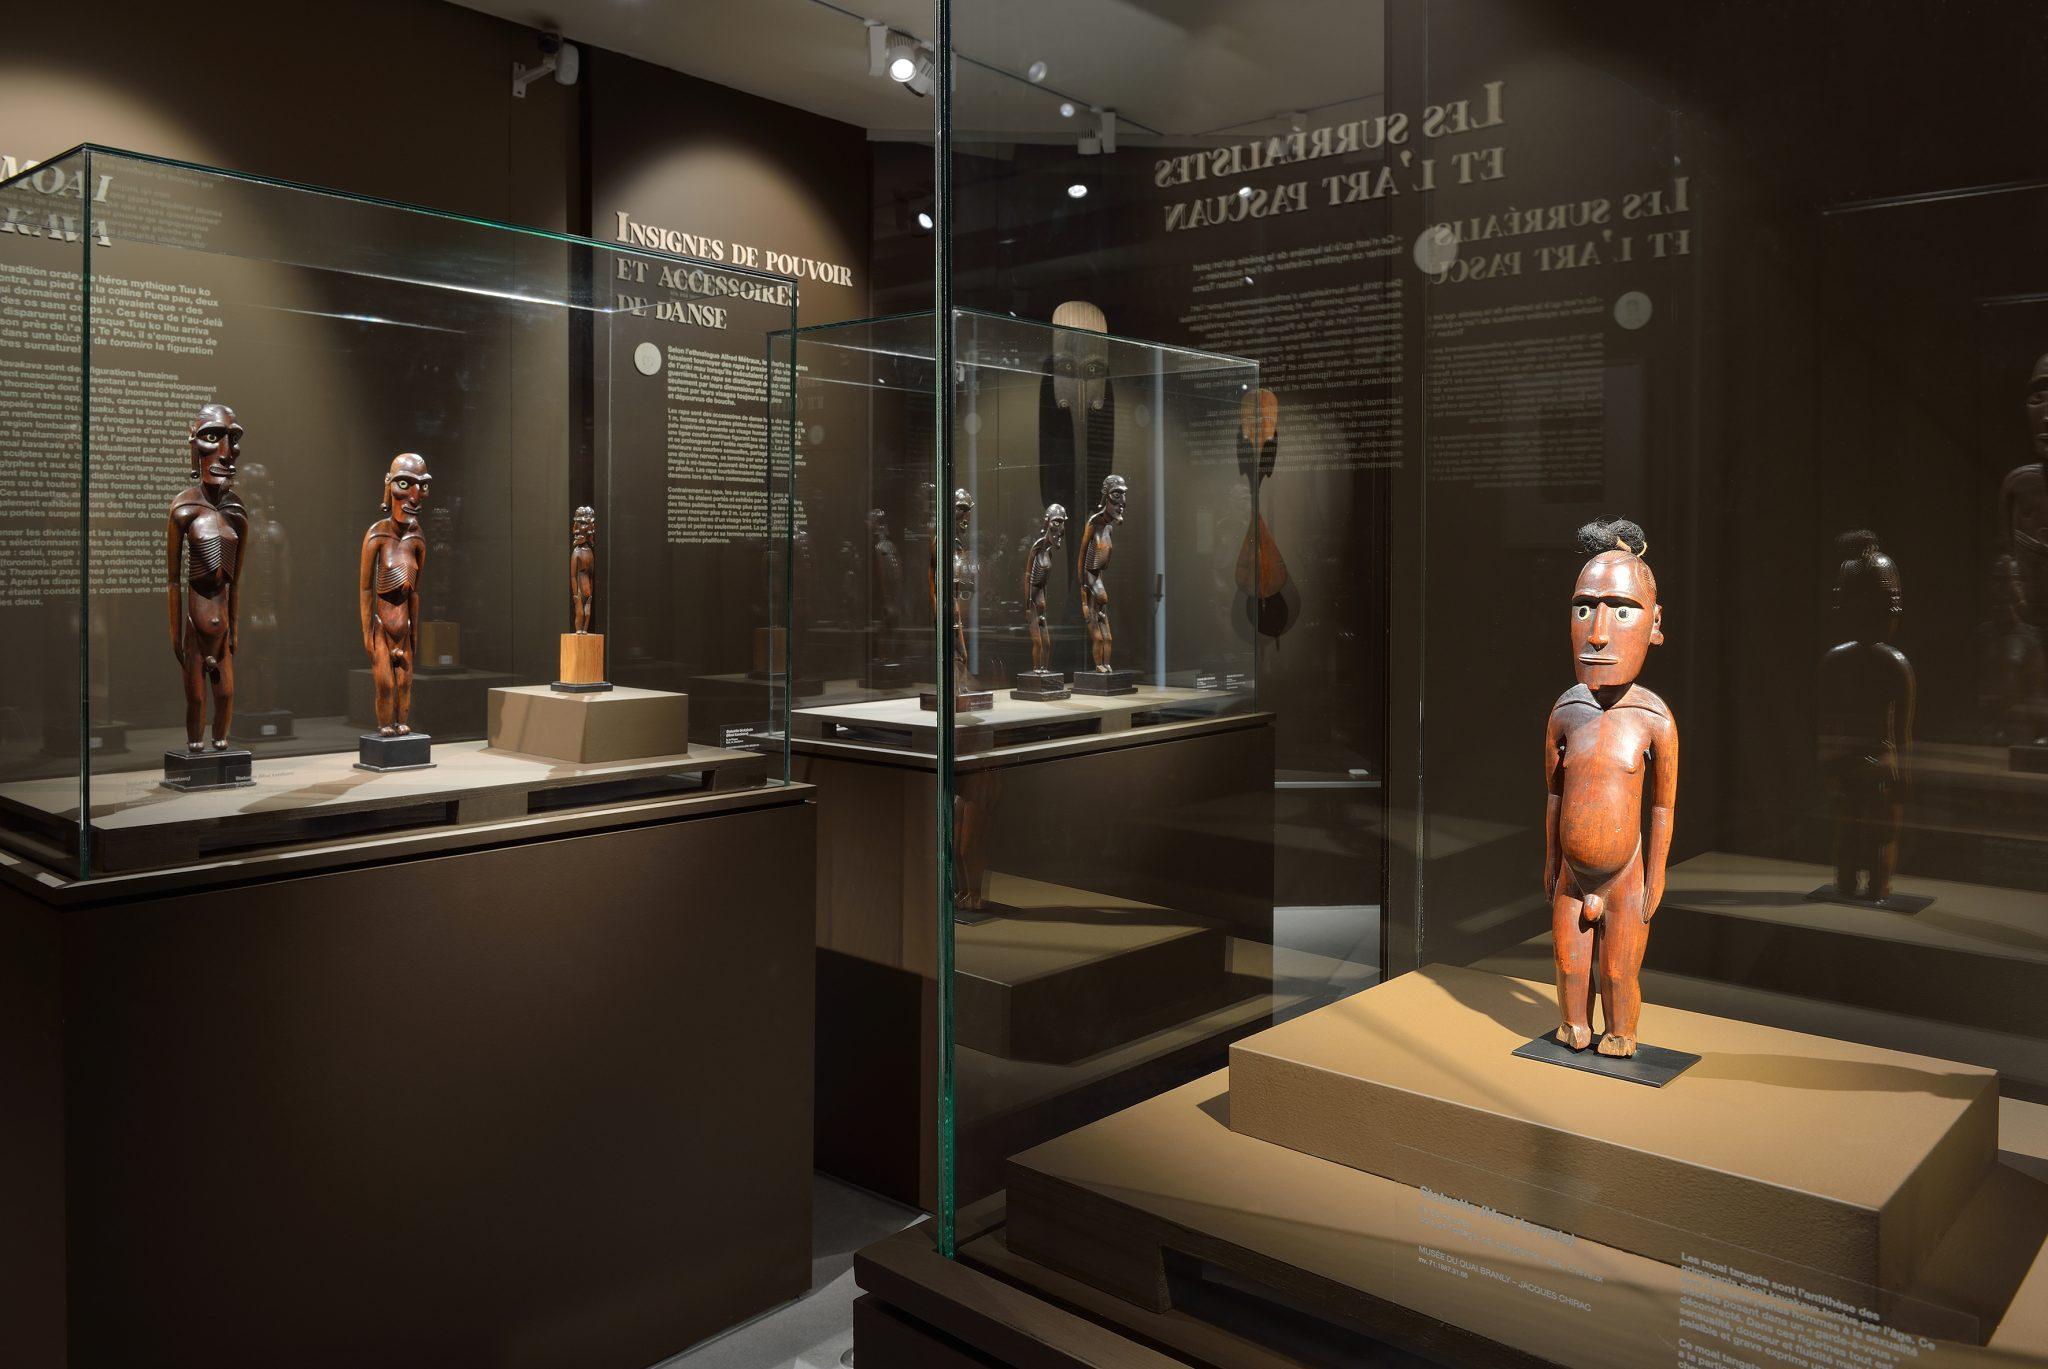 Vue des statuettes dans la salle d'exposition à Rodez